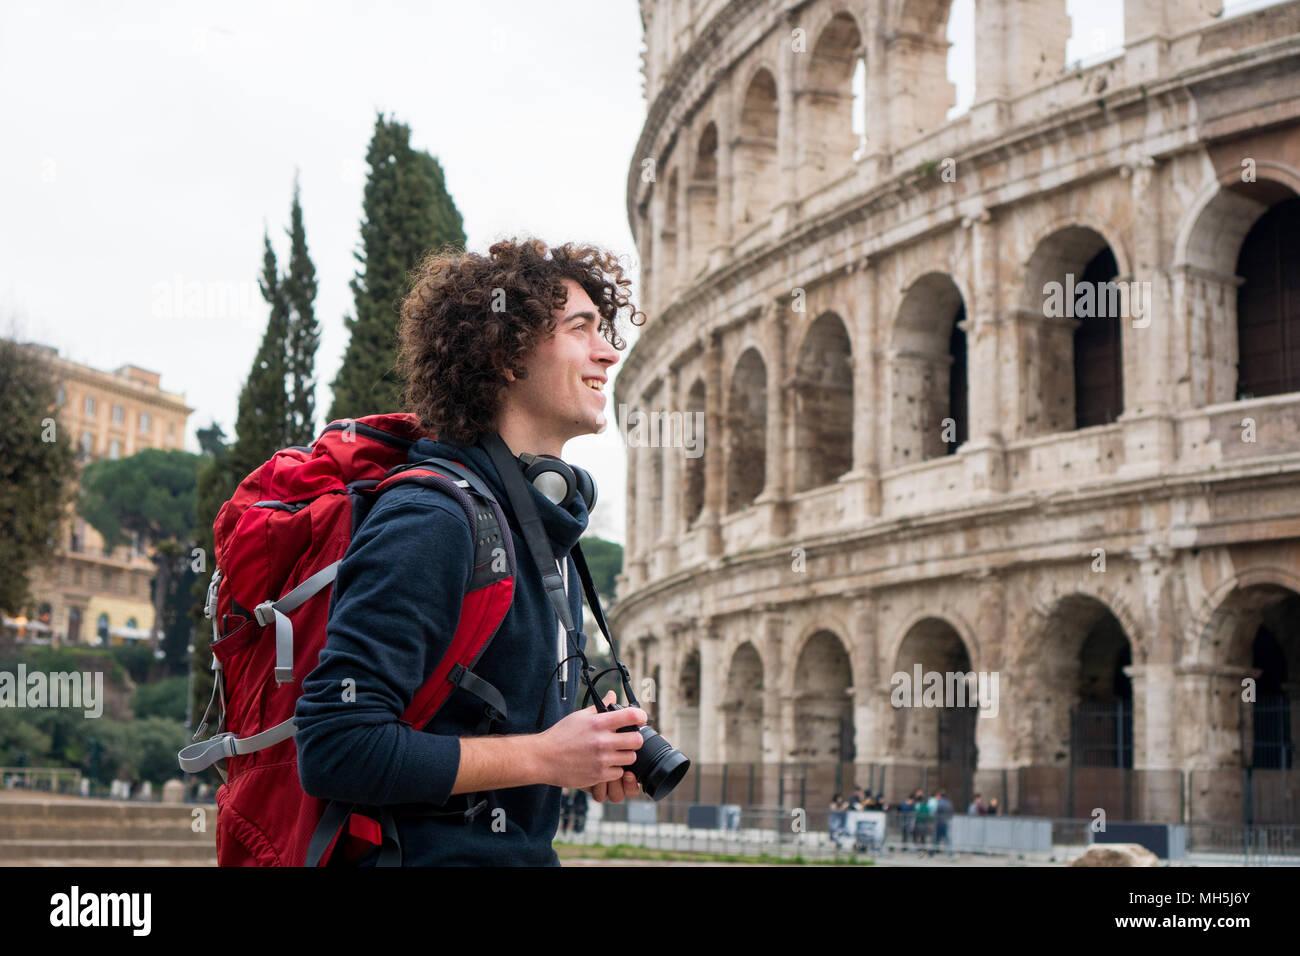 Beau jeune homme de tourisme avec des cheveux bouclés avec un sac à dos de l'appareil photo et prendre des photos de Colisée à Rome, Italie. Les jeunes prennent des photos touristiques de Co Photo Stock